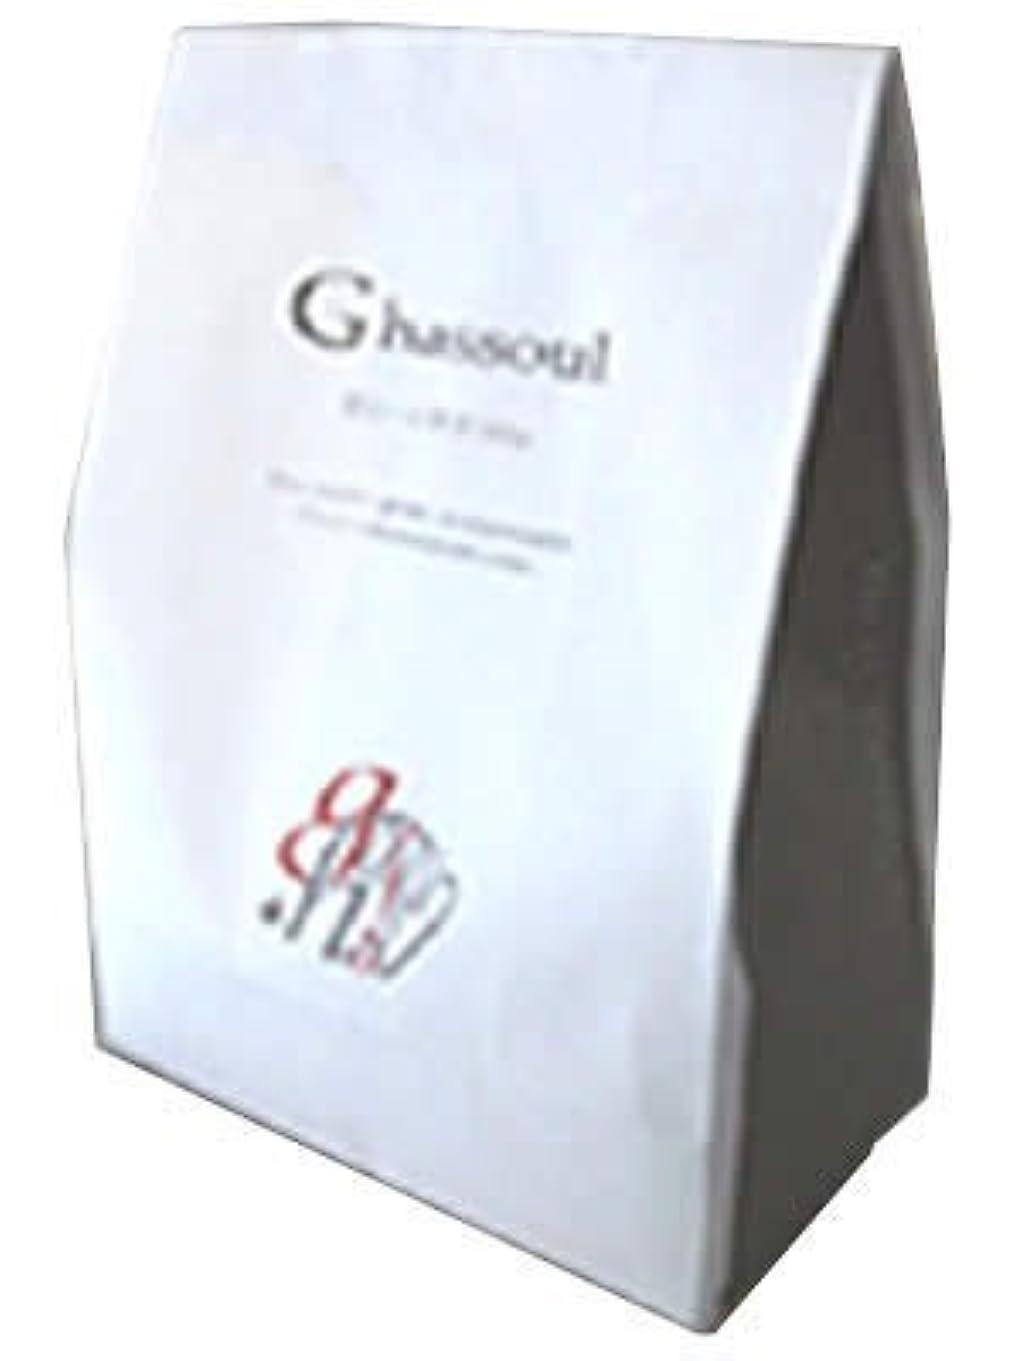 シロクマただやる国内のナイアード ガスール固形(タブレット)タイプ 500g